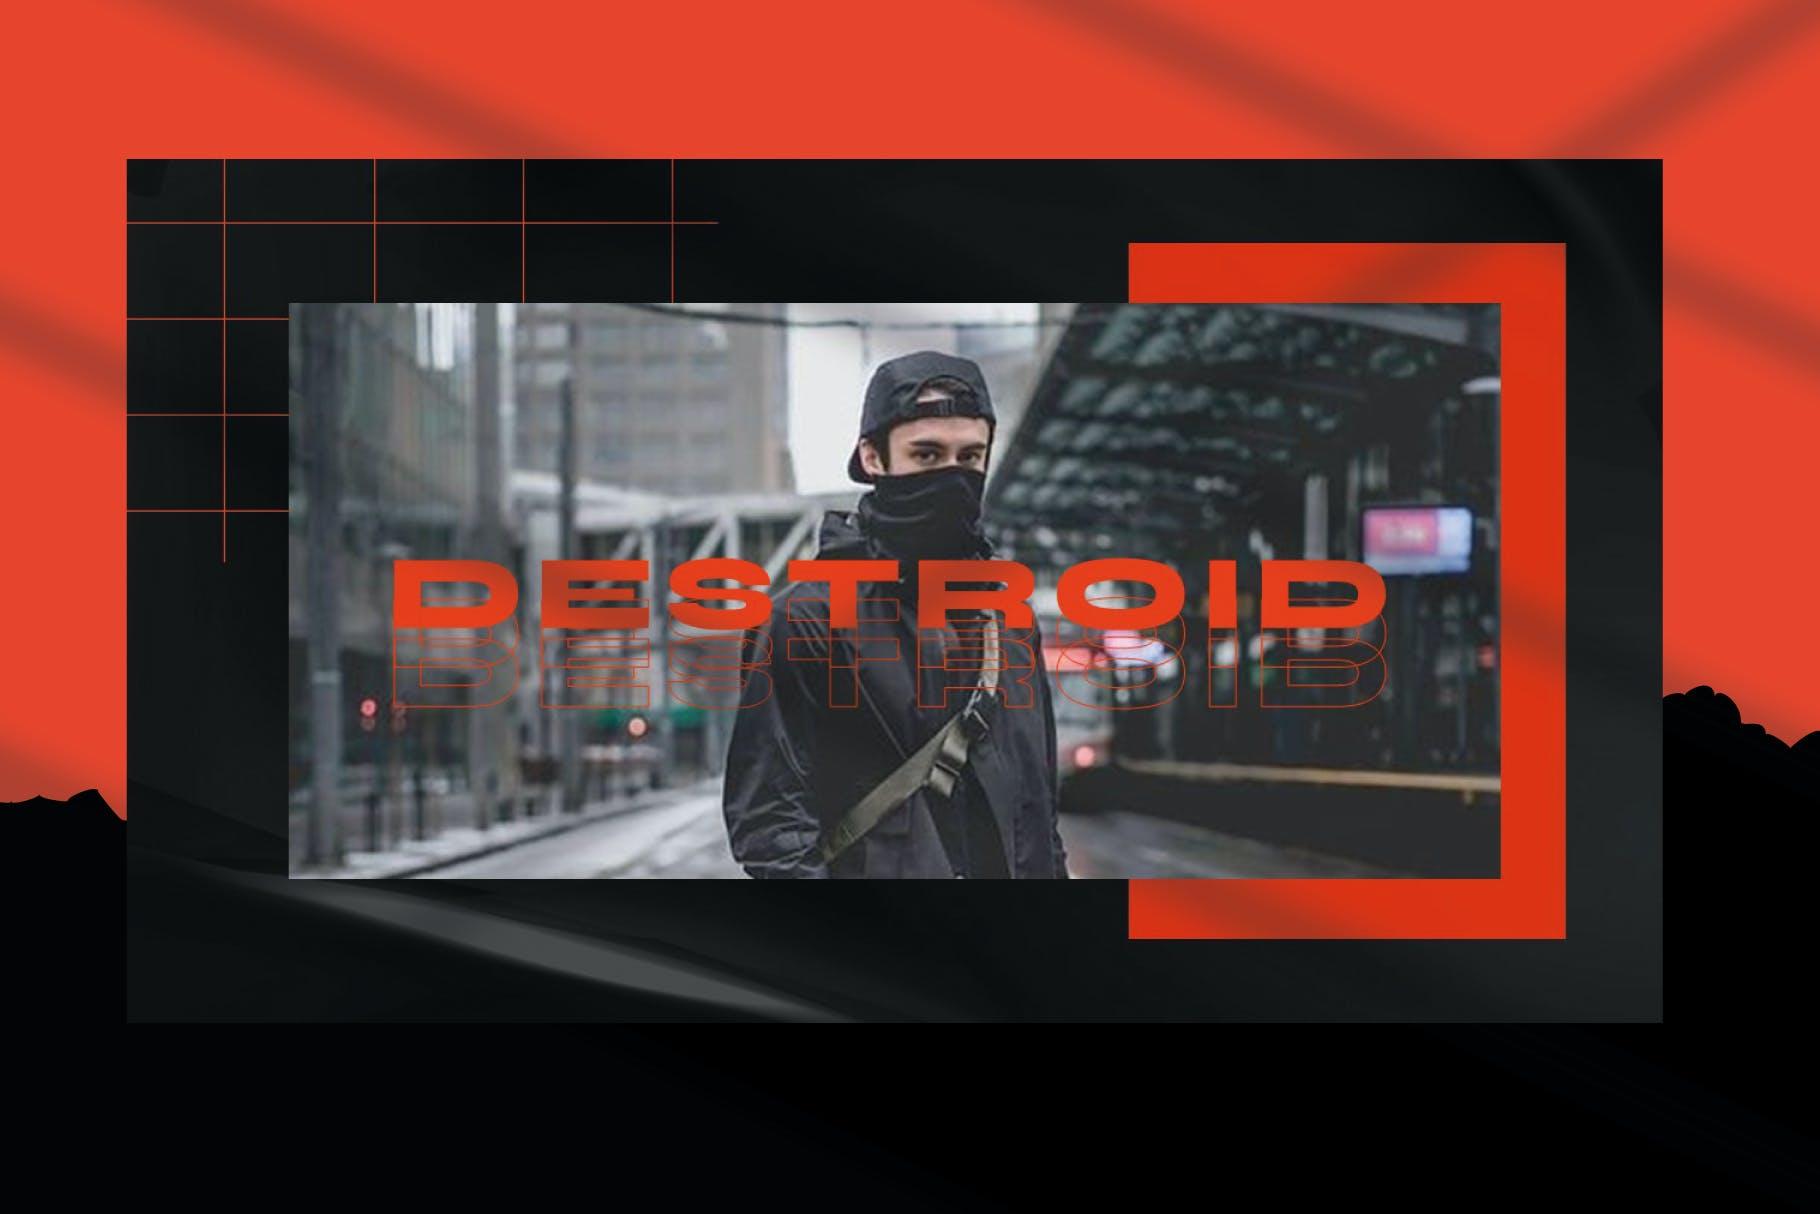 潮流街头潮牌服装推广PPT幻灯片设计模板 Destroid – Keynote Template插图1